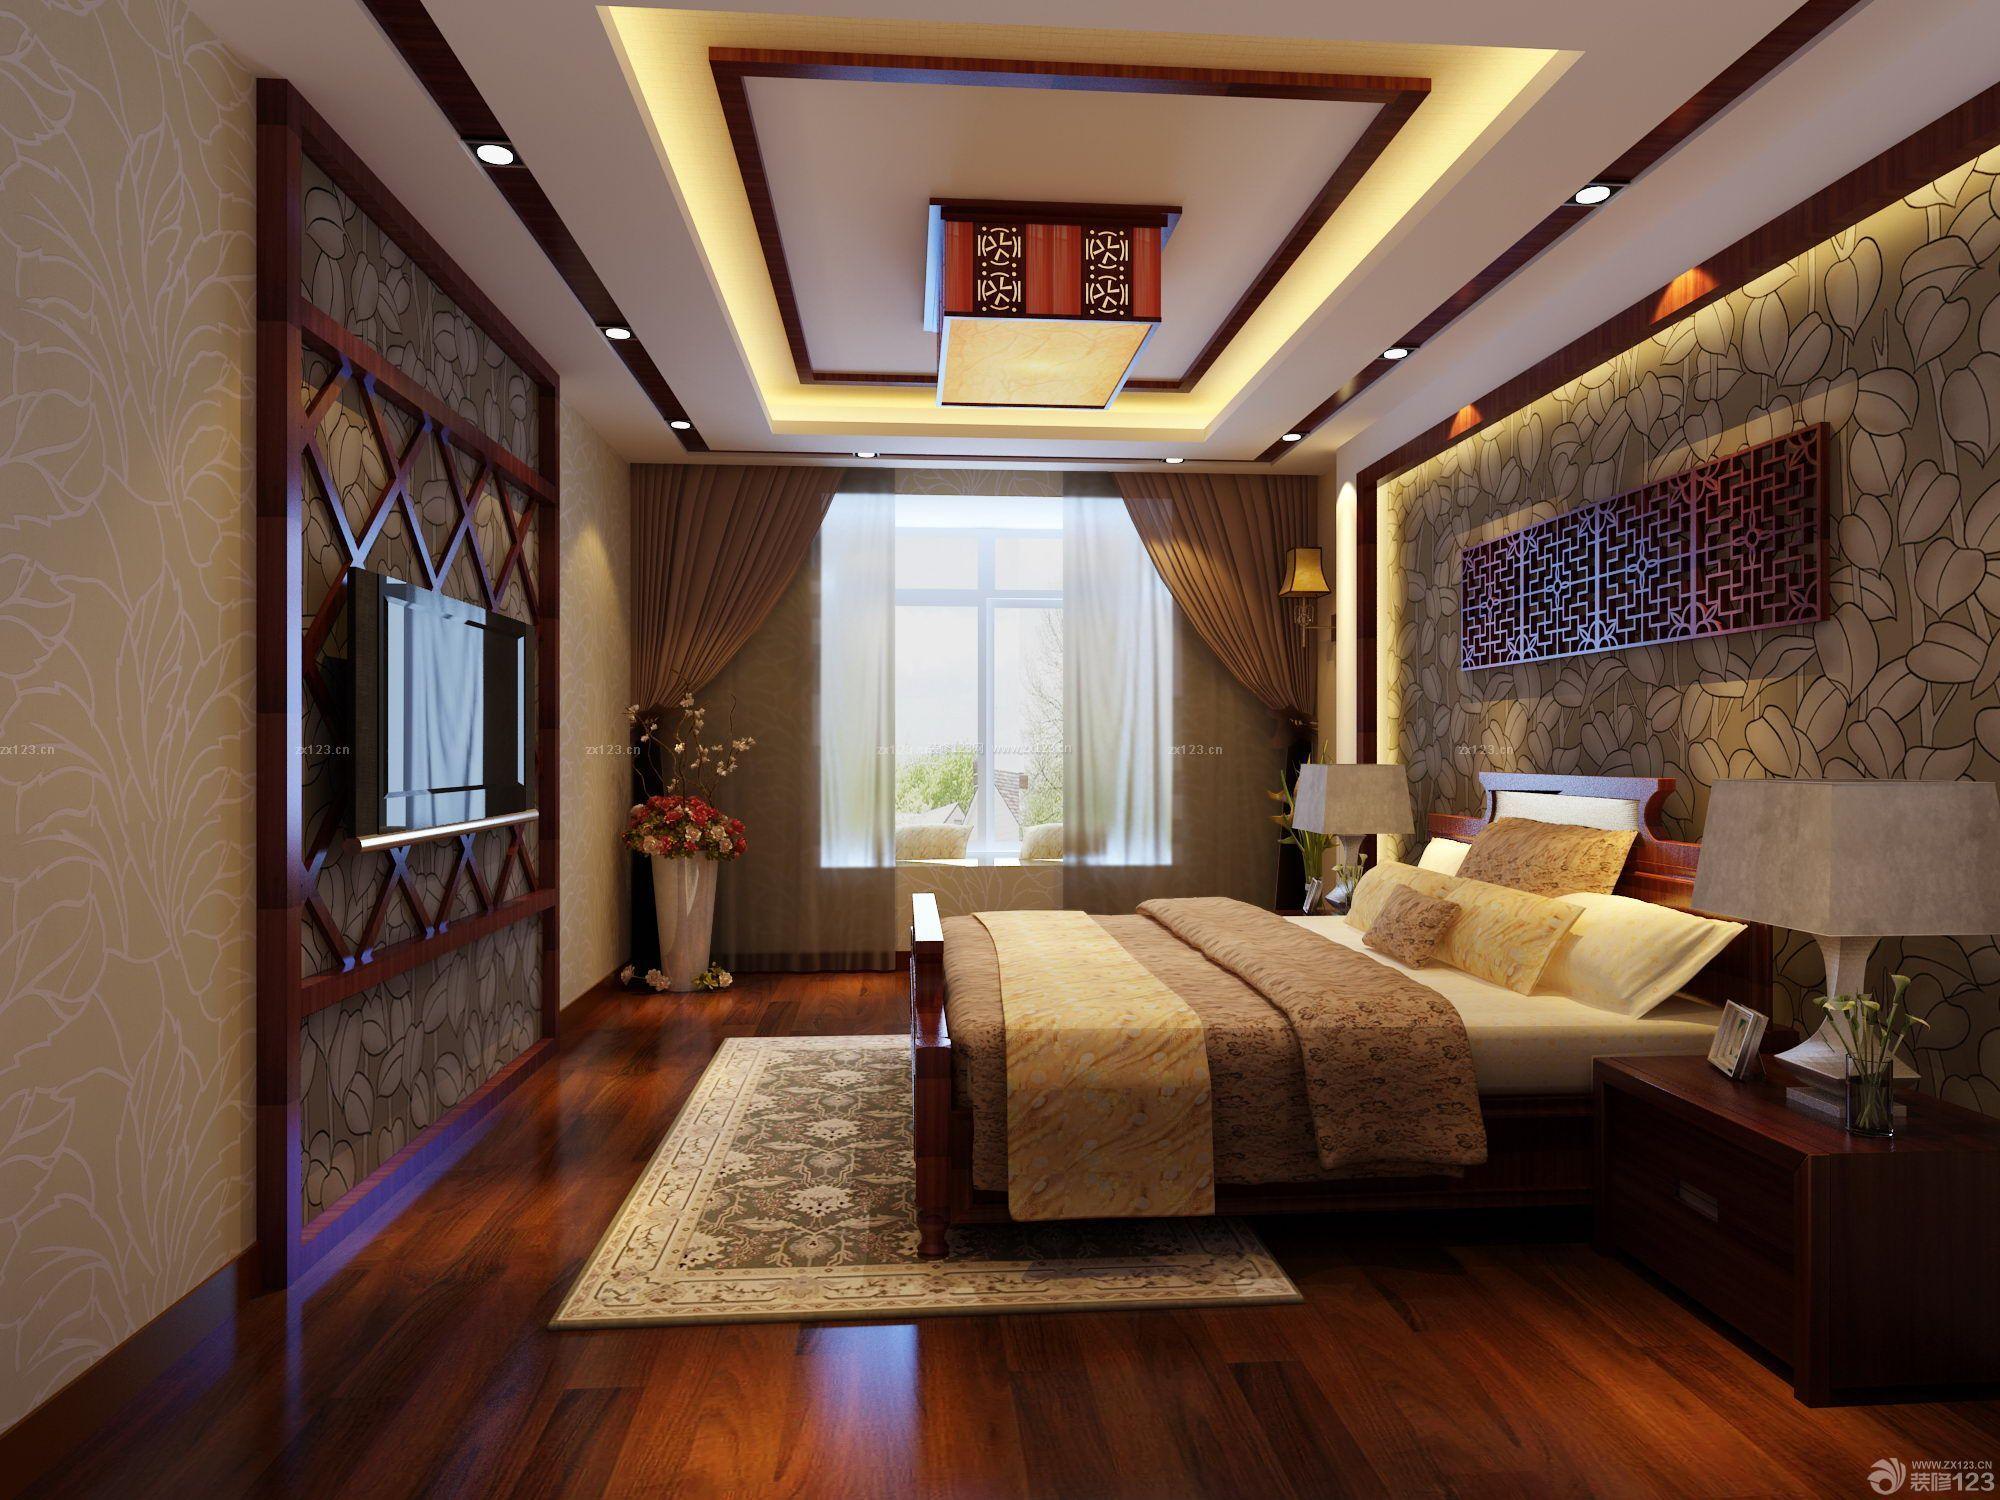 2014小洋房欧式卧室装修效果图